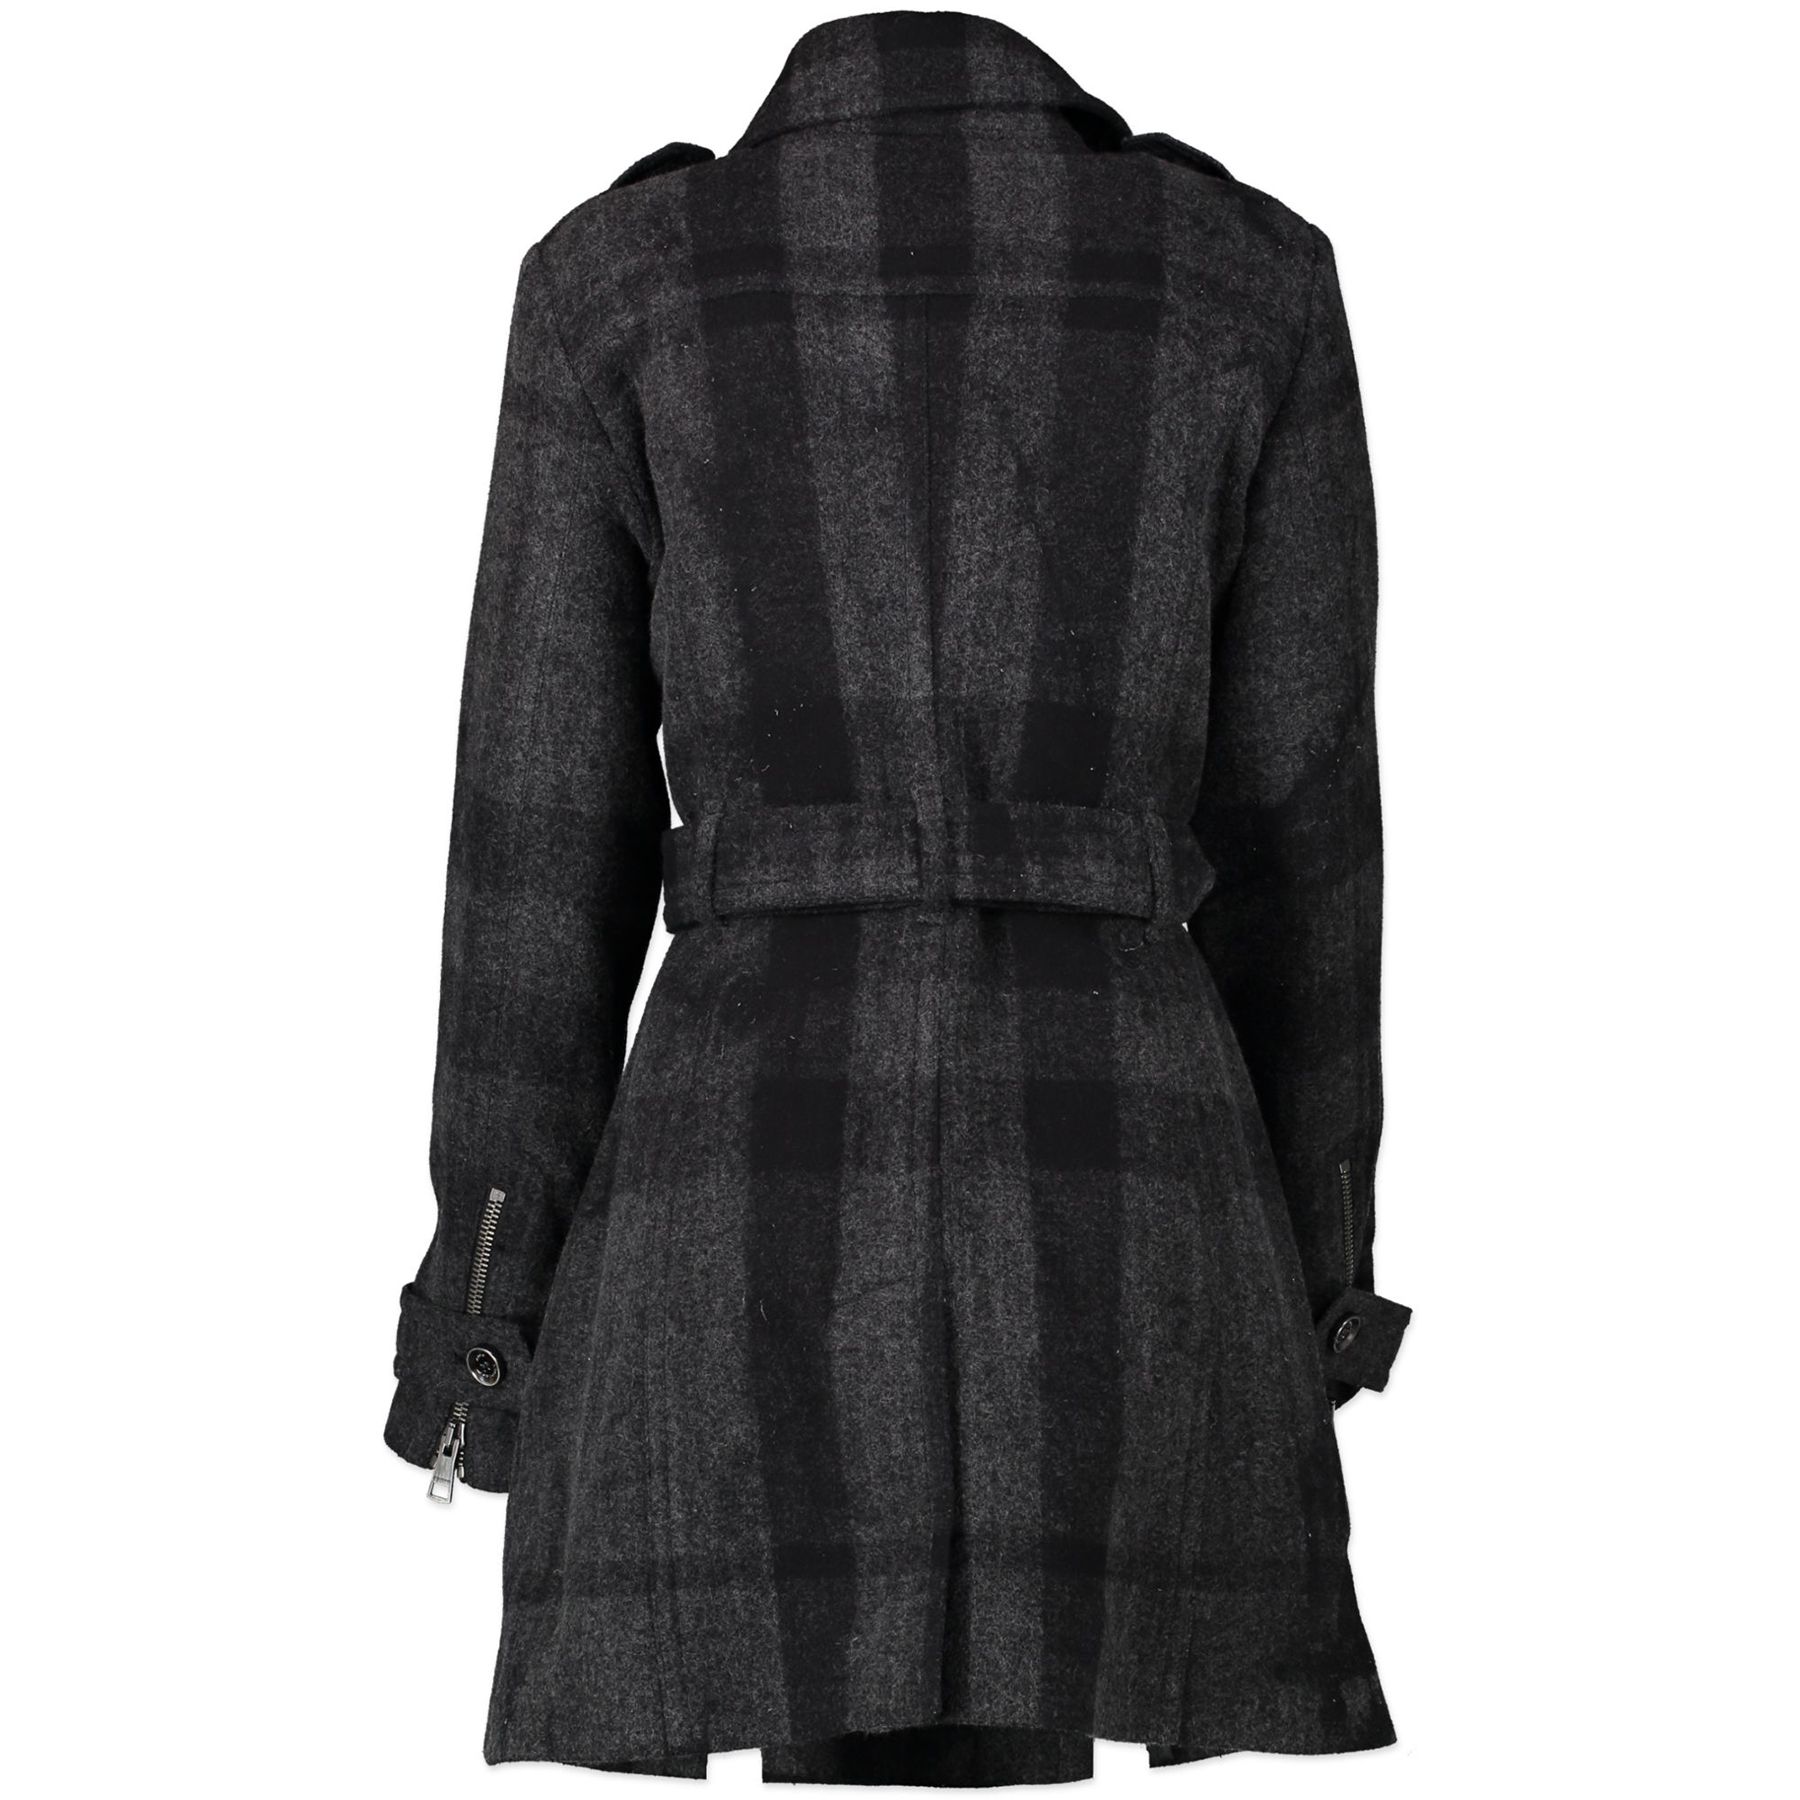 Koop Tweedehands Burberry Brit Grey Cotton/Wool Bentham Belted Coat - Size 38 aan de juiste prijs in alle veiligheid online bij LabelLOV webshop Antwerpen België